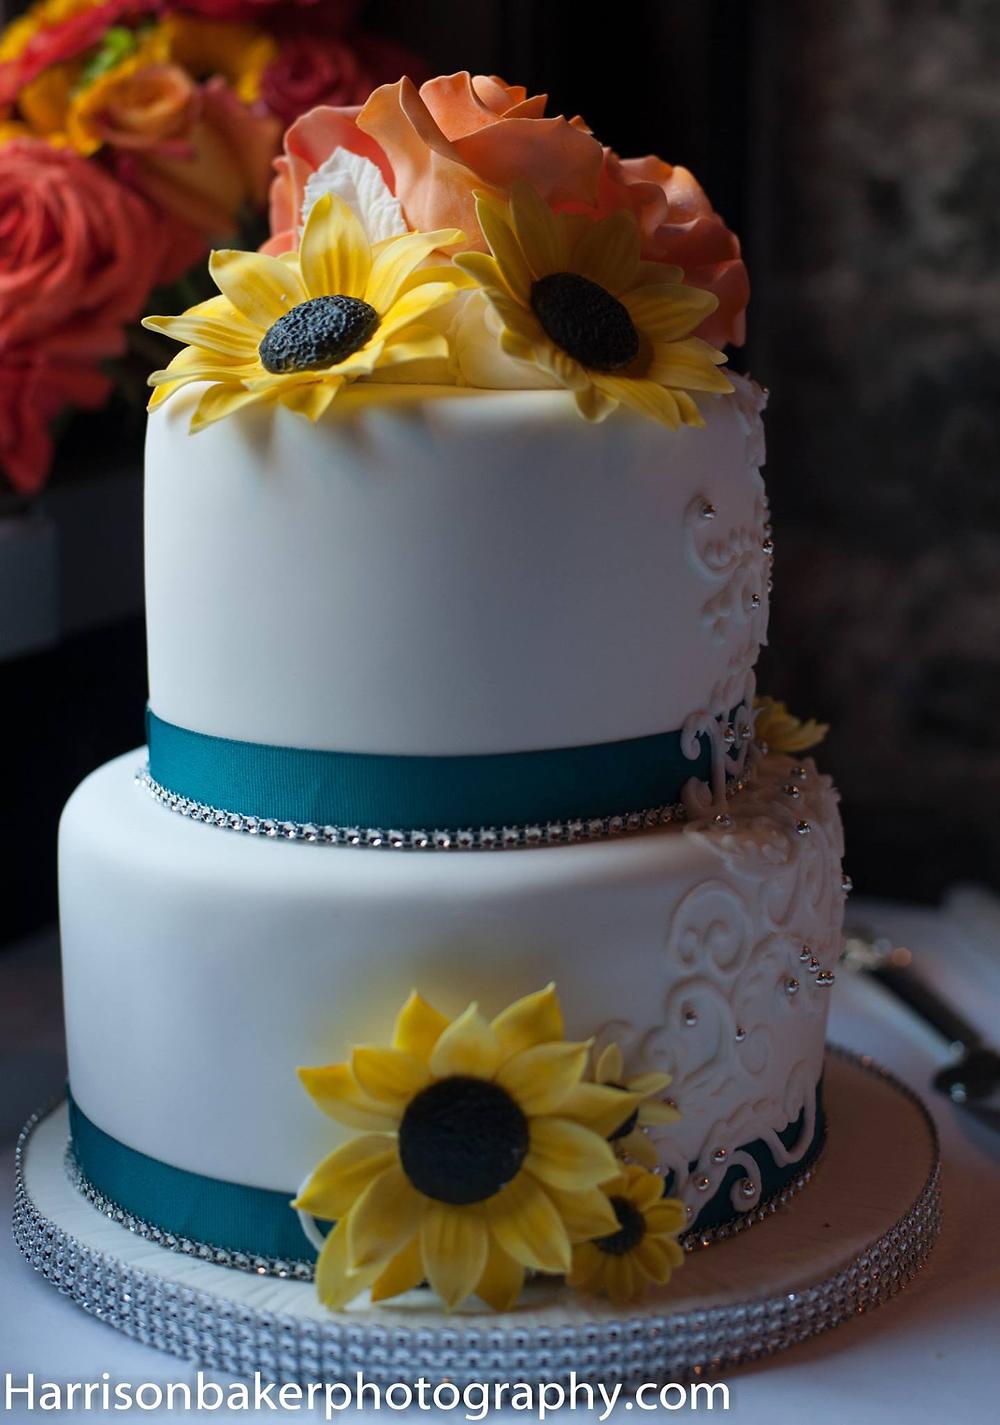 Wedding Cakes - Wedding Photography Ottawa